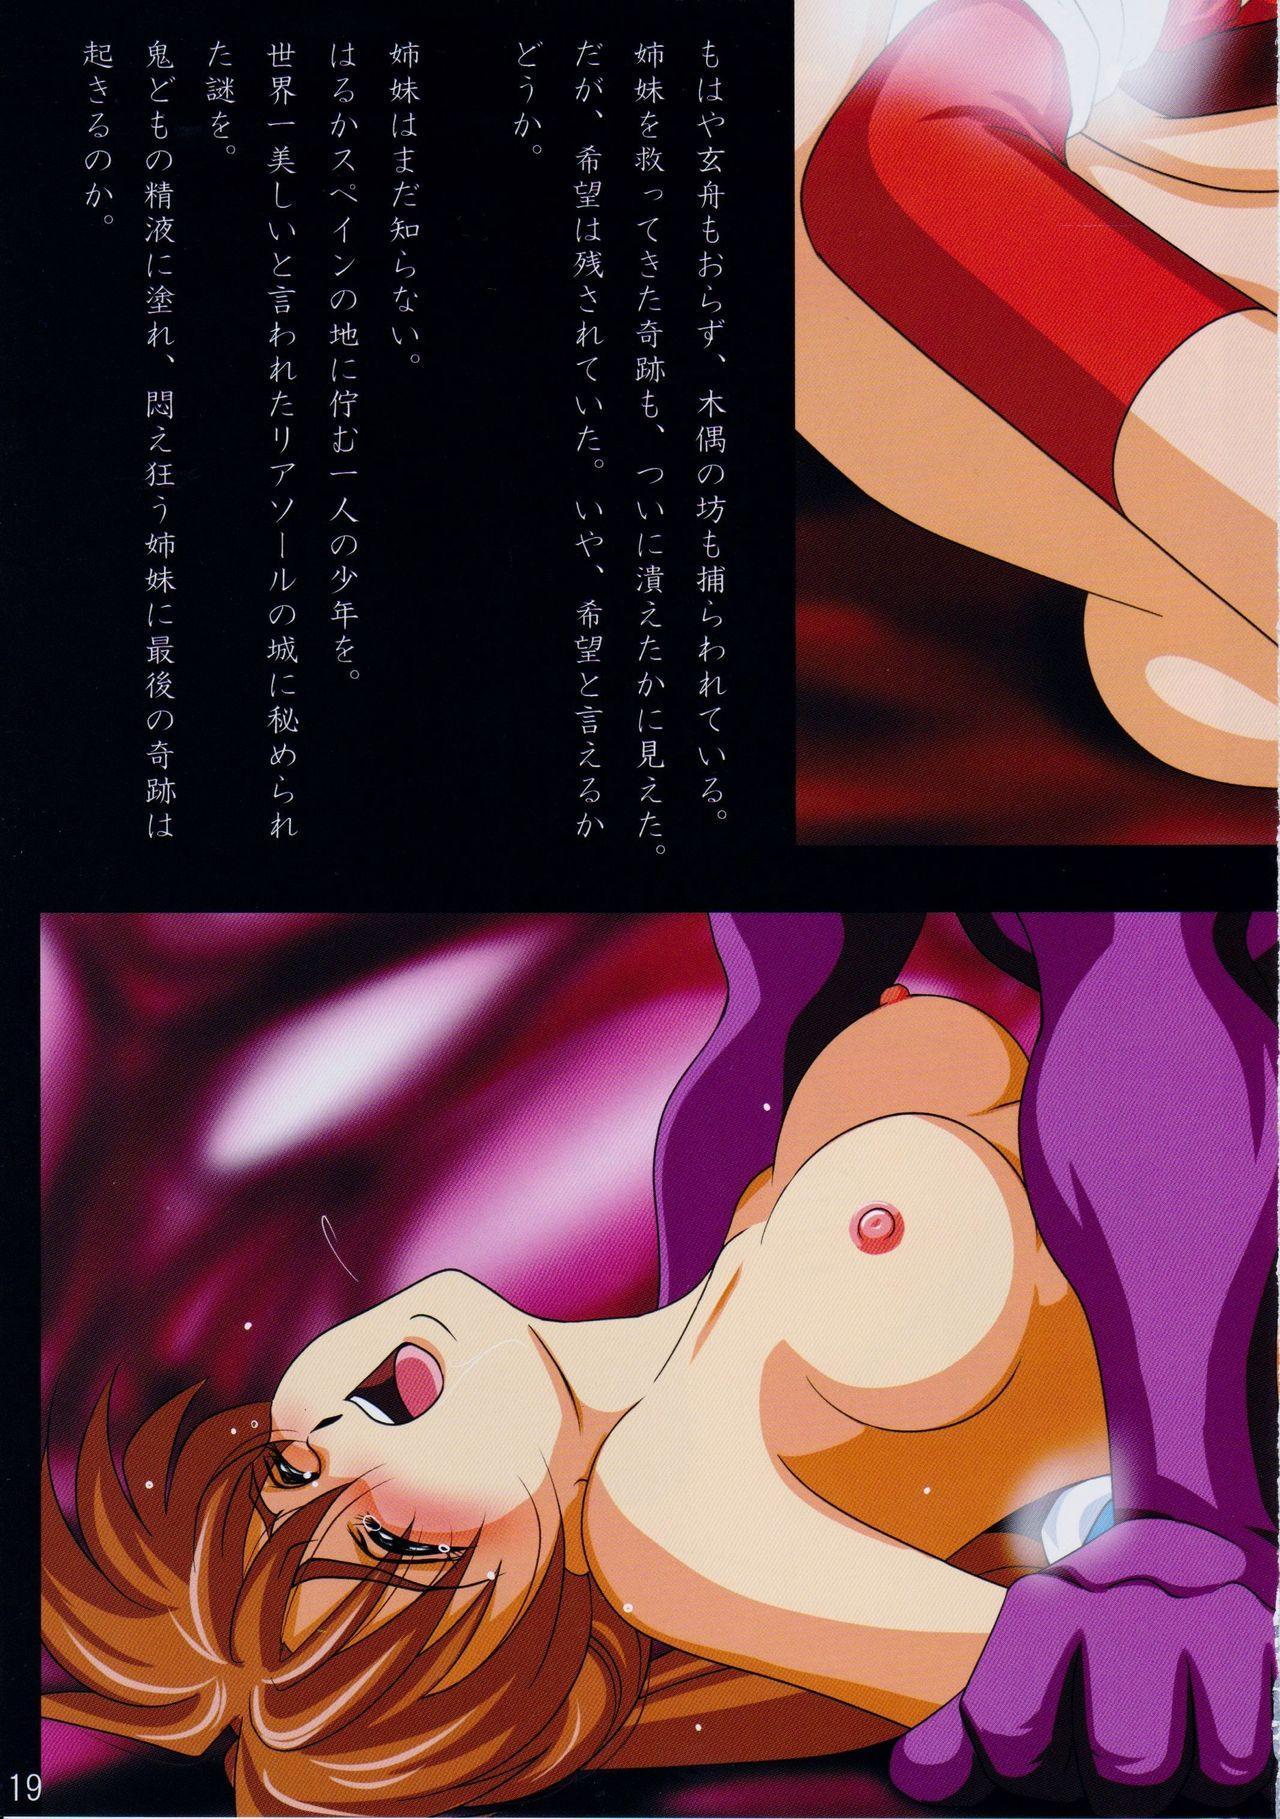 Tennyo no Chi o Hiku Hime Miko Amatsu Ai no Ochiru Toki Rakuin no Hime Miko 2 20